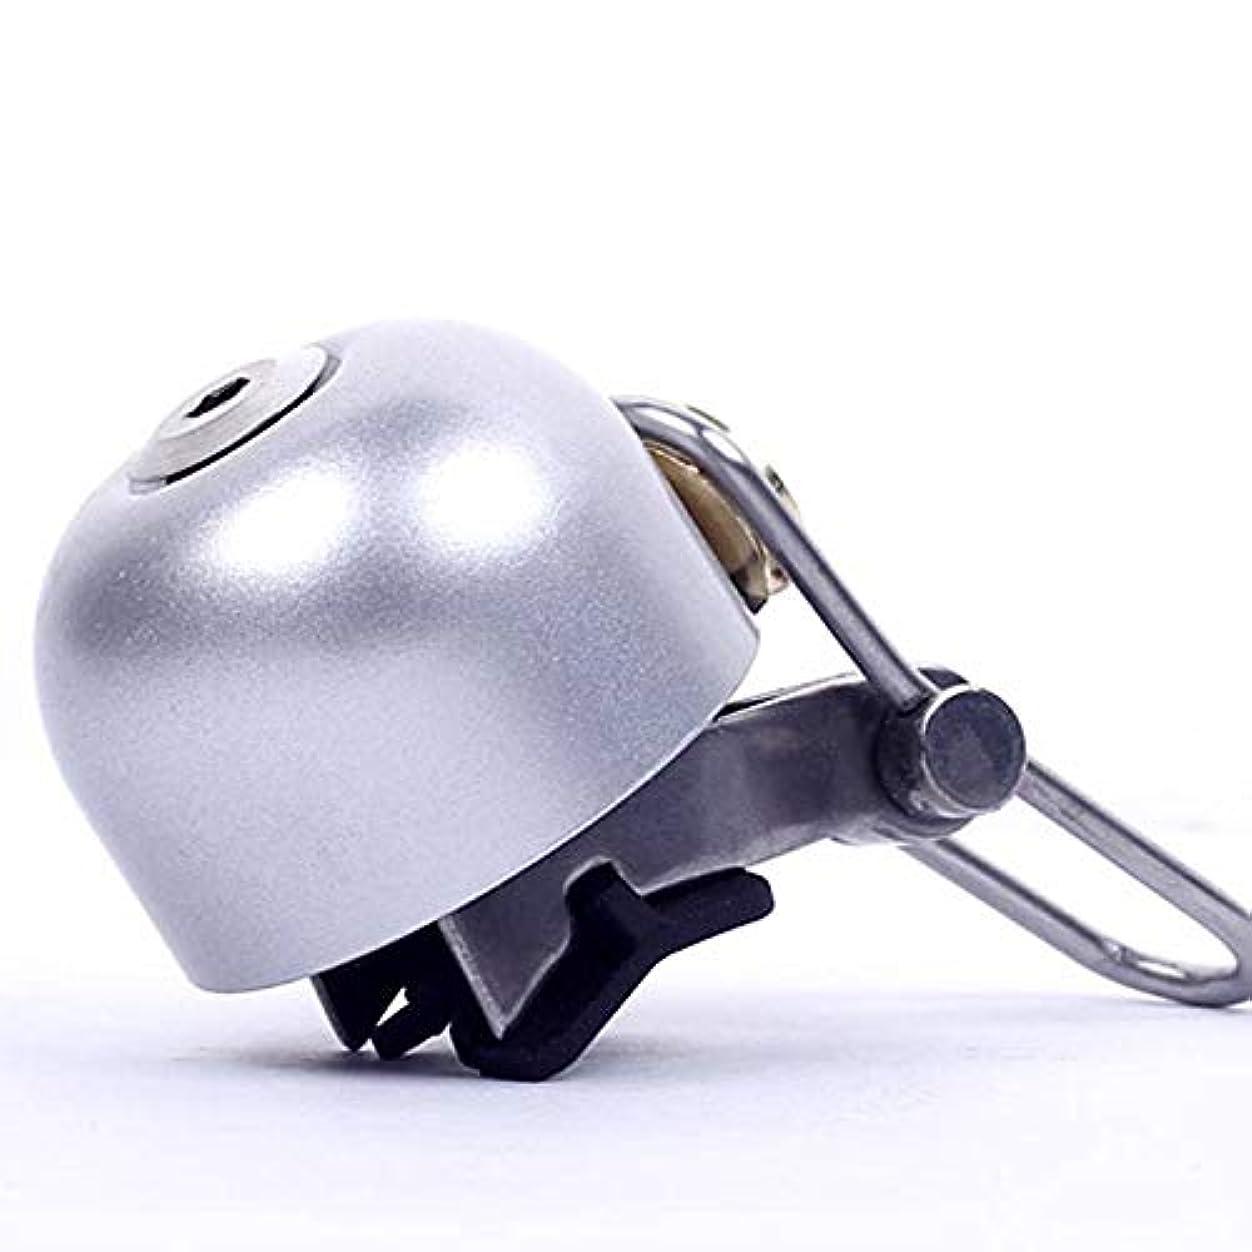 ありふれた放つ運営Wecando 自転車ベル(ゴールド) 自転車リングベル 金属製 大音量 簡単に取り付け 調整可能 自転車ハンドルベル